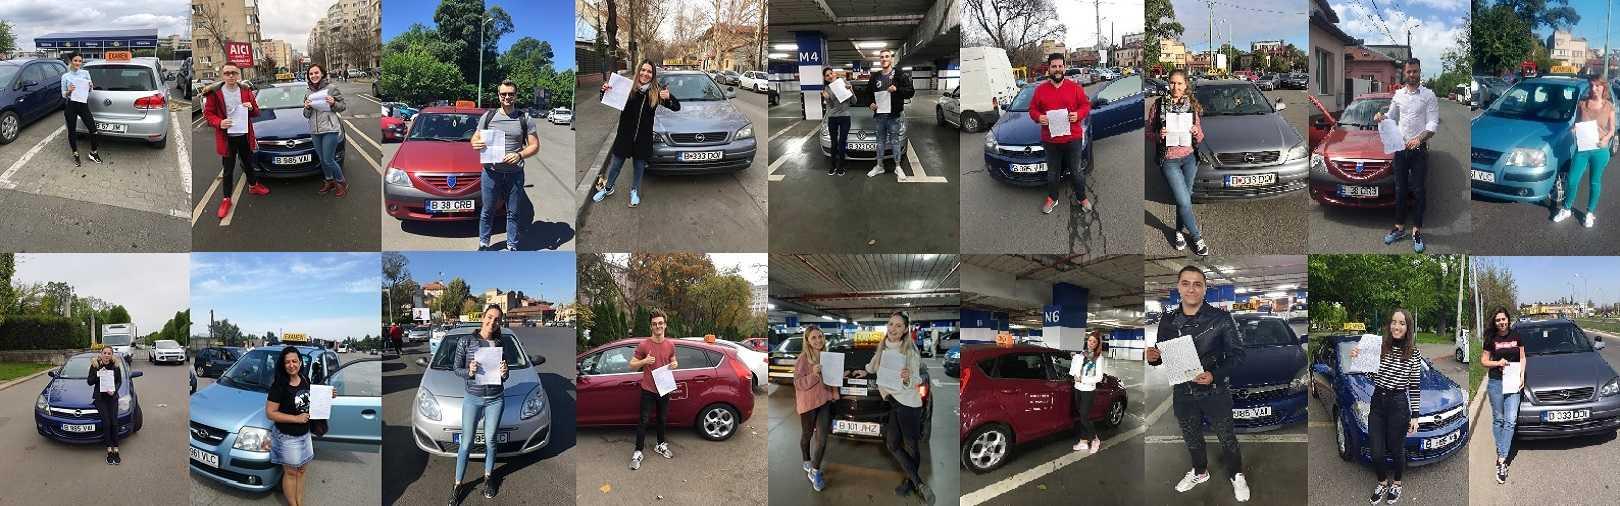 Școala auto Driver For Life: ești pe drumul cel bun!